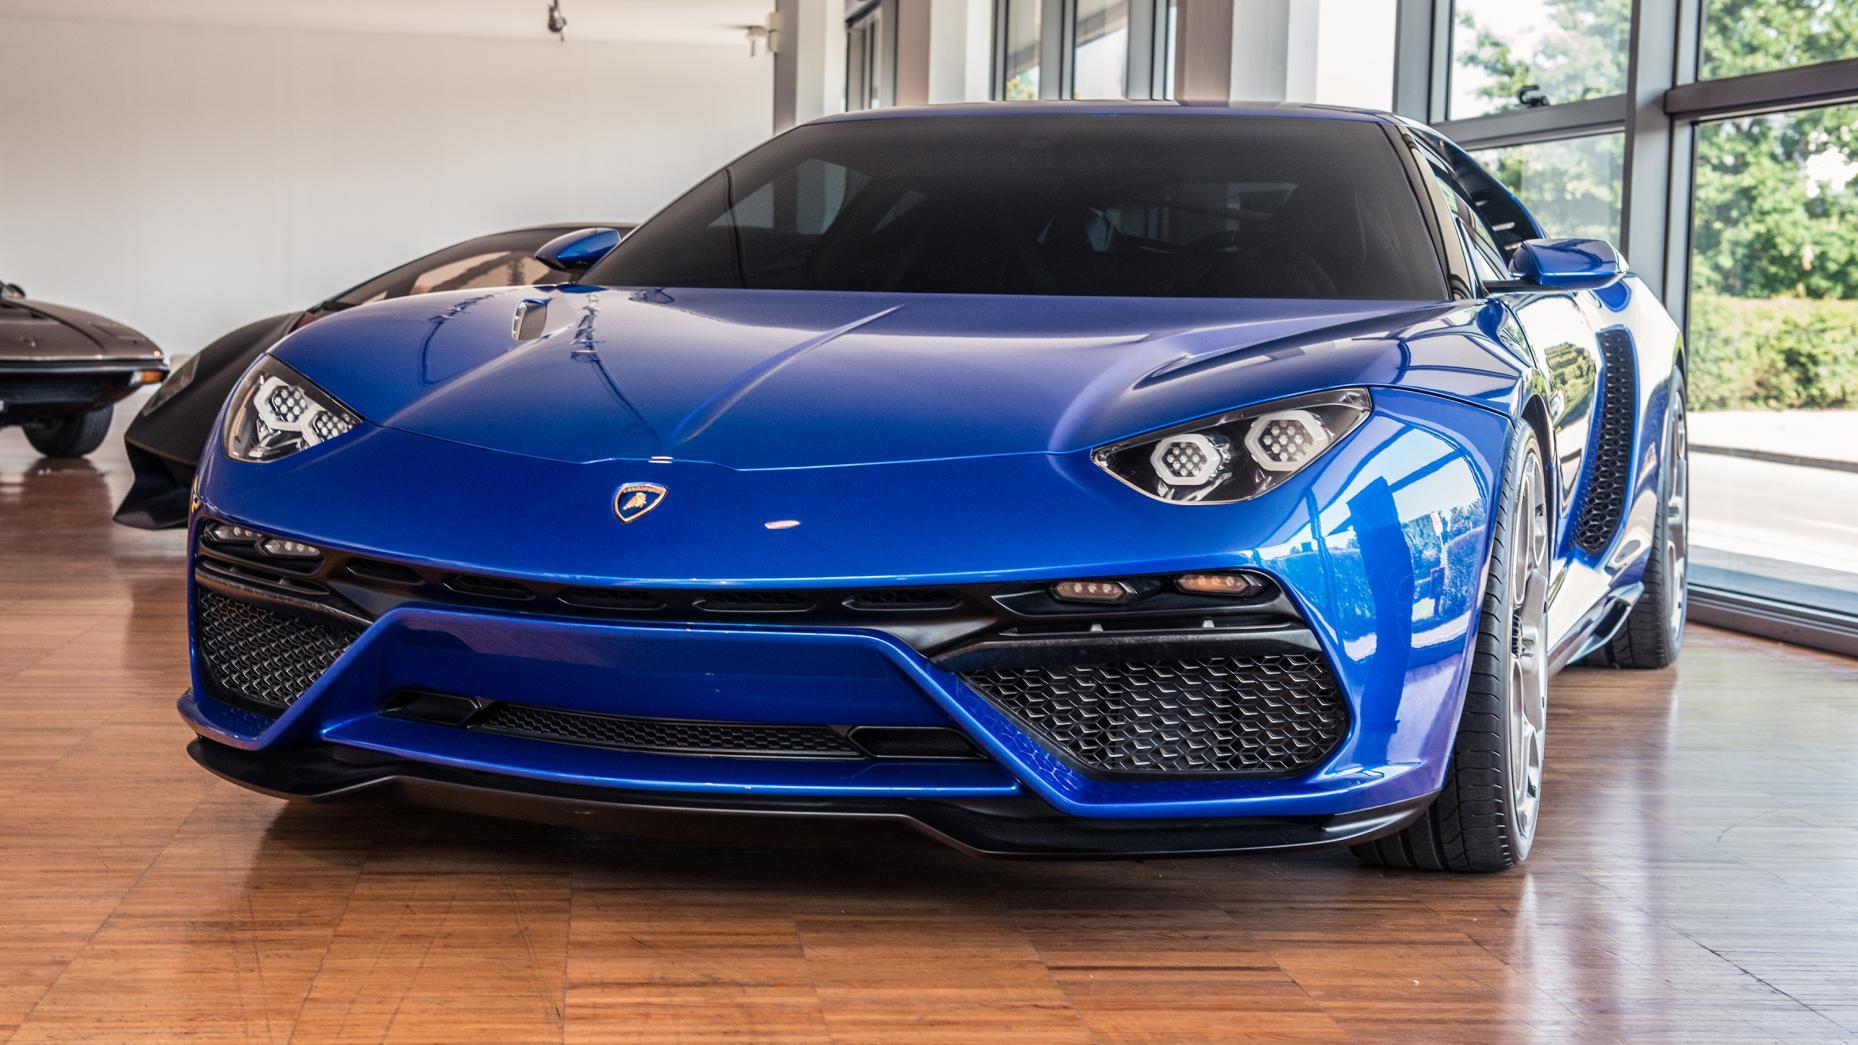 Cùng chiêm ngưỡng bảo tàng của siêu xe Lamborghini 4